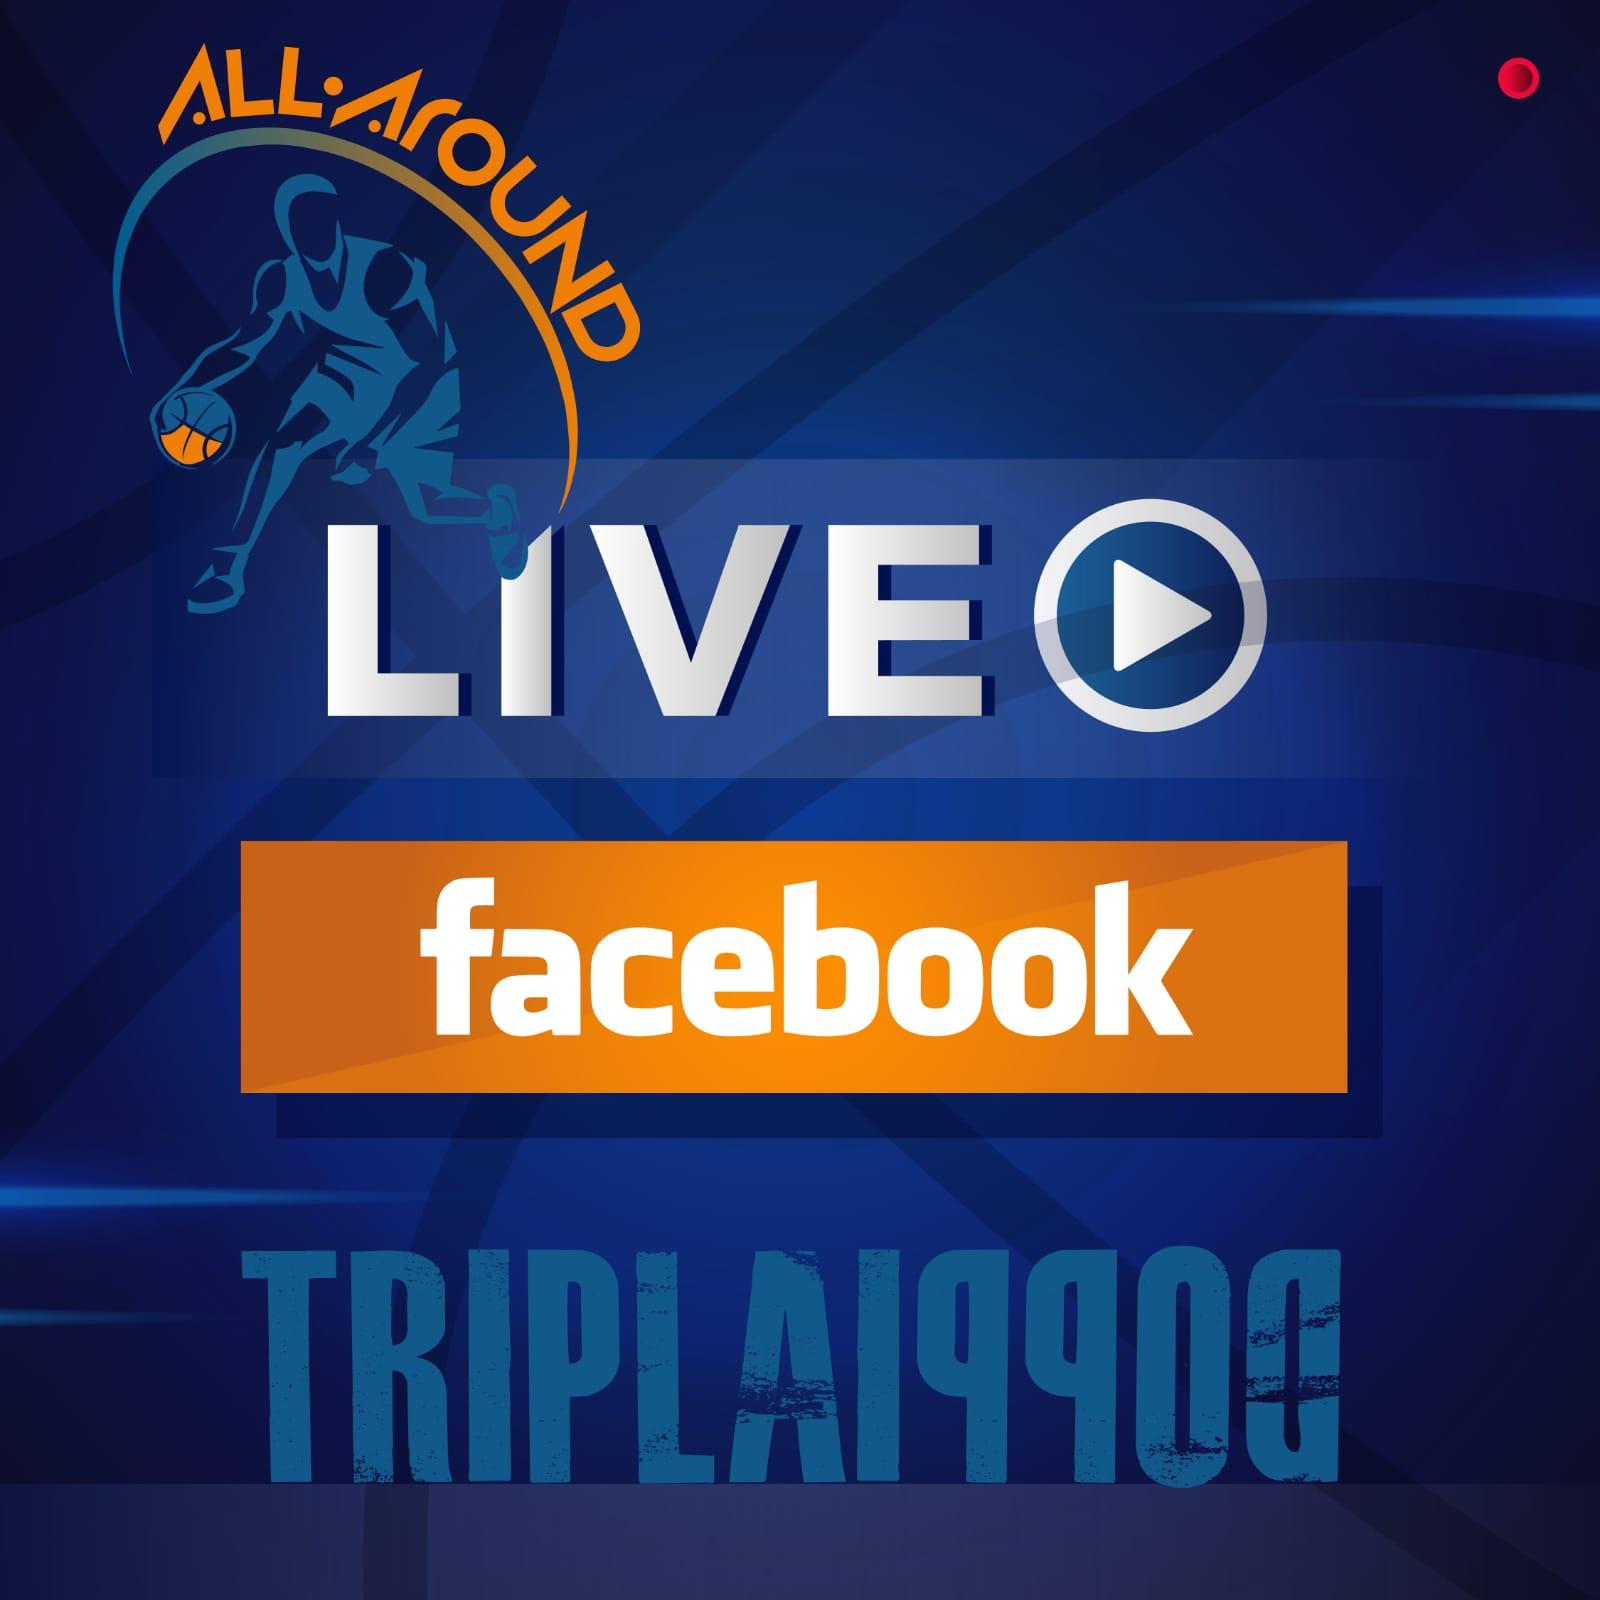 TriplaDoppia by All-Around.net 2020-21: 27^ Puntata live su Facebook di TriplaDoppia con Euroleague, coppe europee ed LBA in primo piano